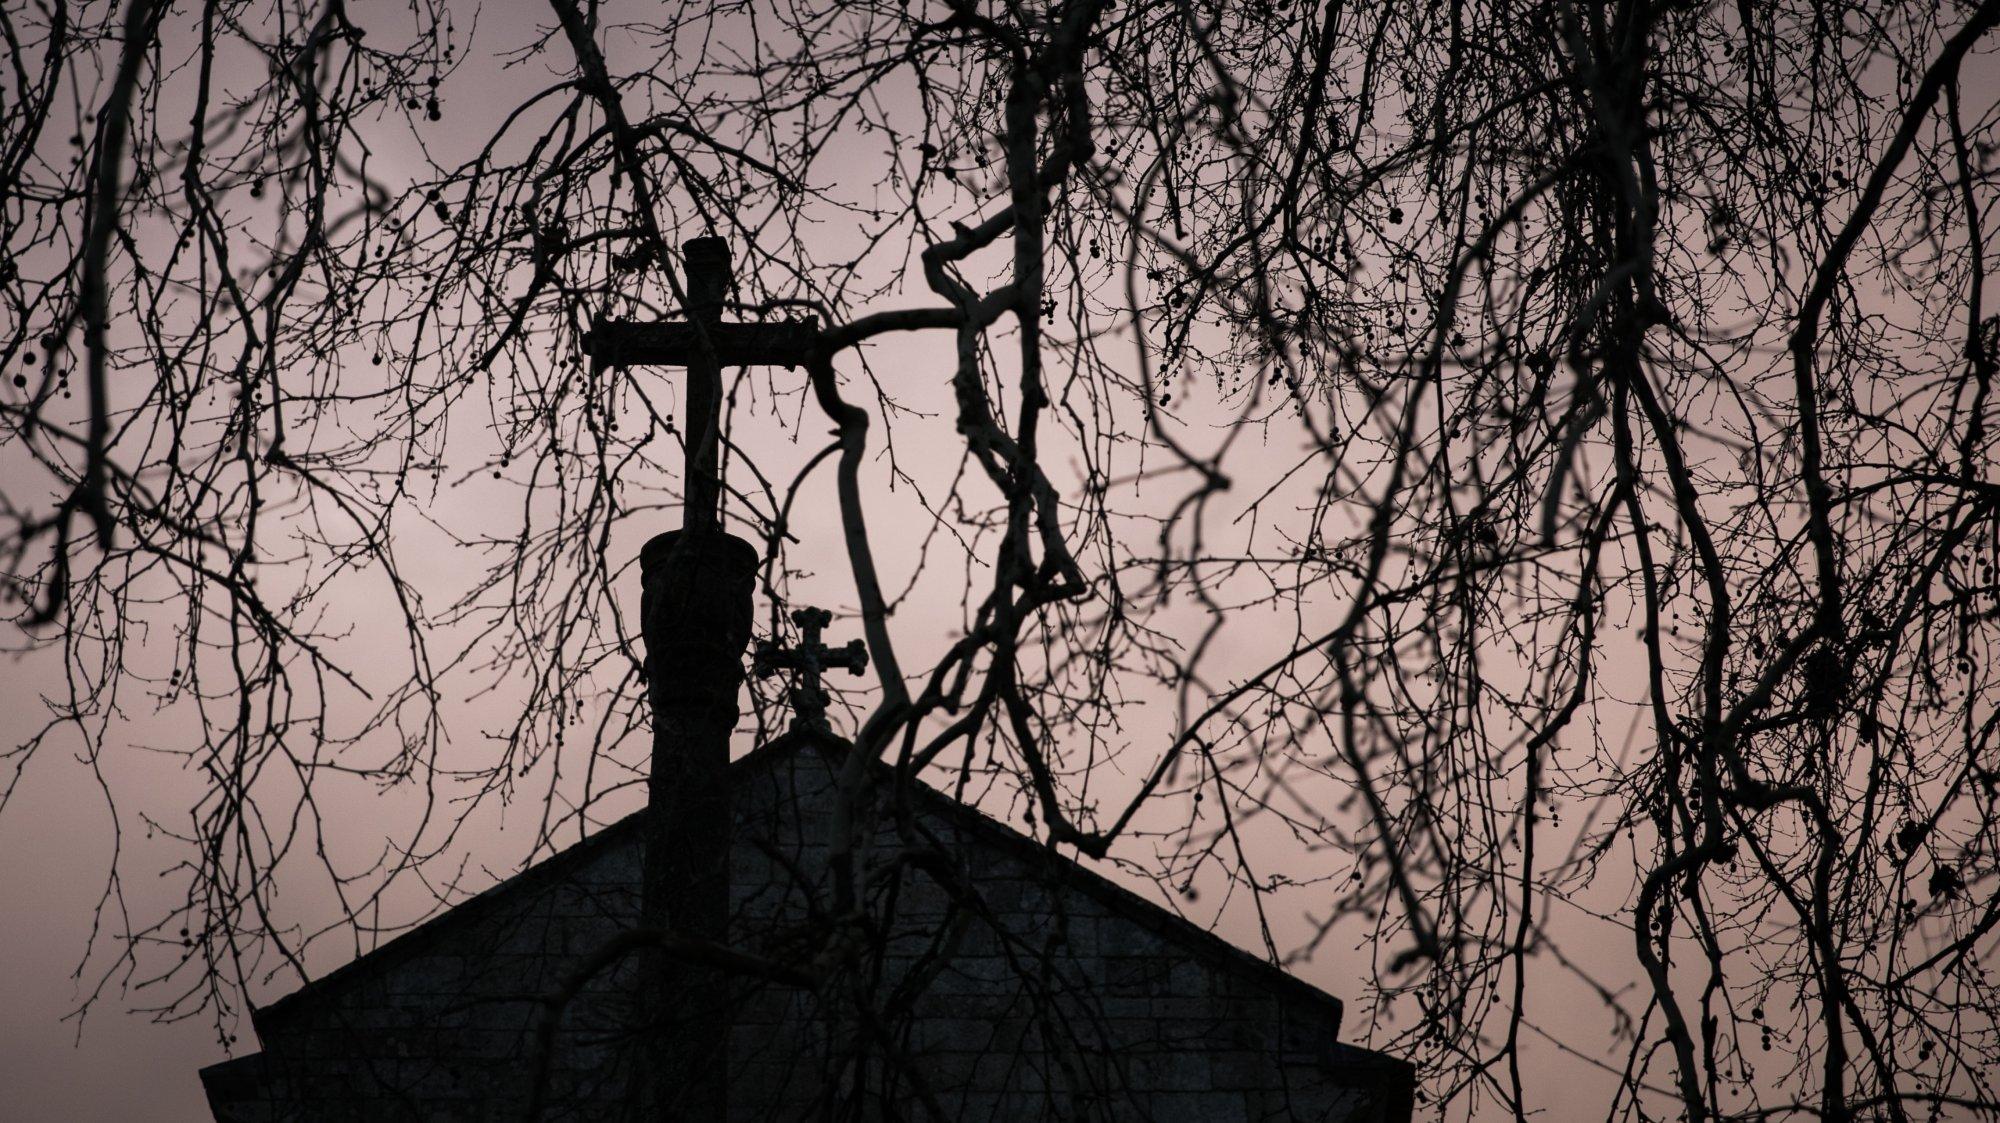 Reportagem abusos sexuais na igreja católica, Igreja de São Domingos ou Sé de Vila Real JOÃO PORFÍRIO/OBSERVADOR